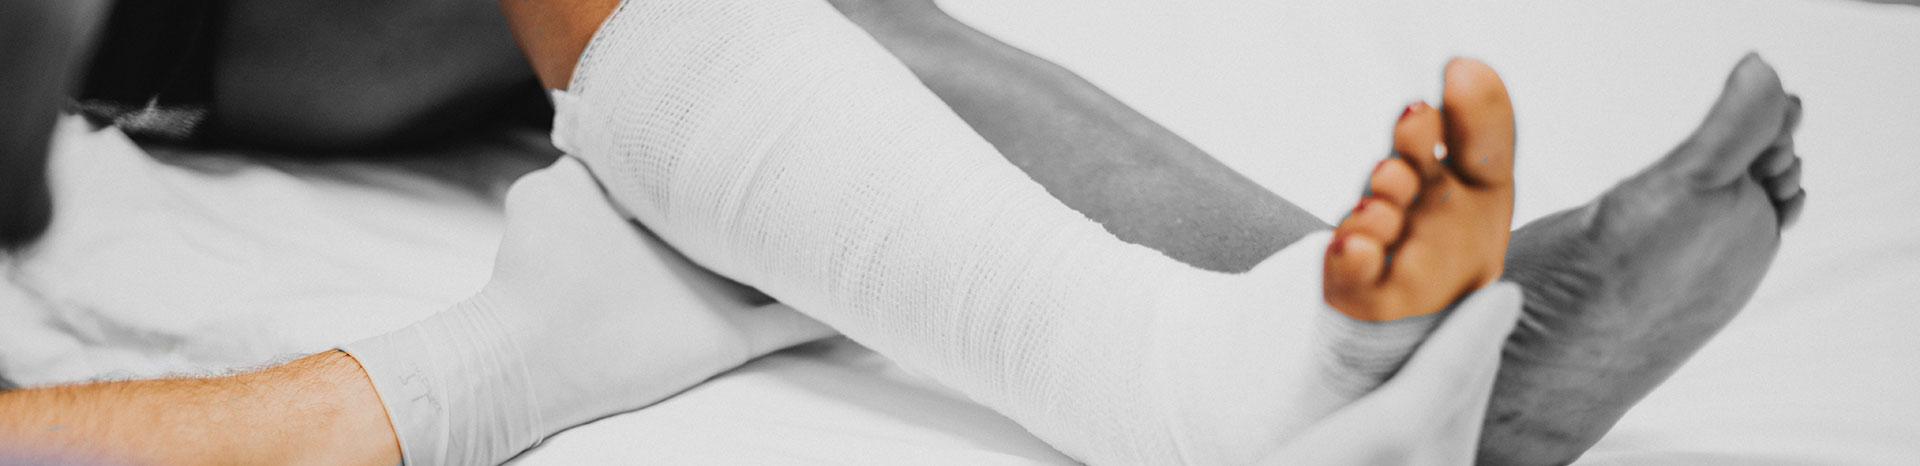 Orthopedisch letsel | LetselPro letselschade